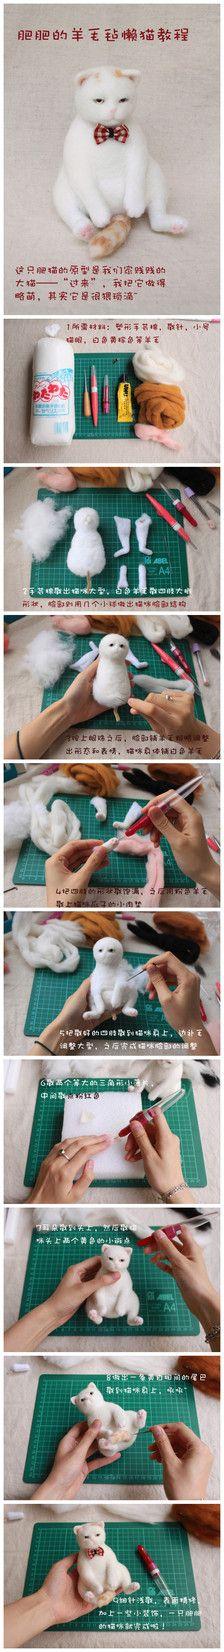 全身猫咪的教程~微博关注@荳小nia